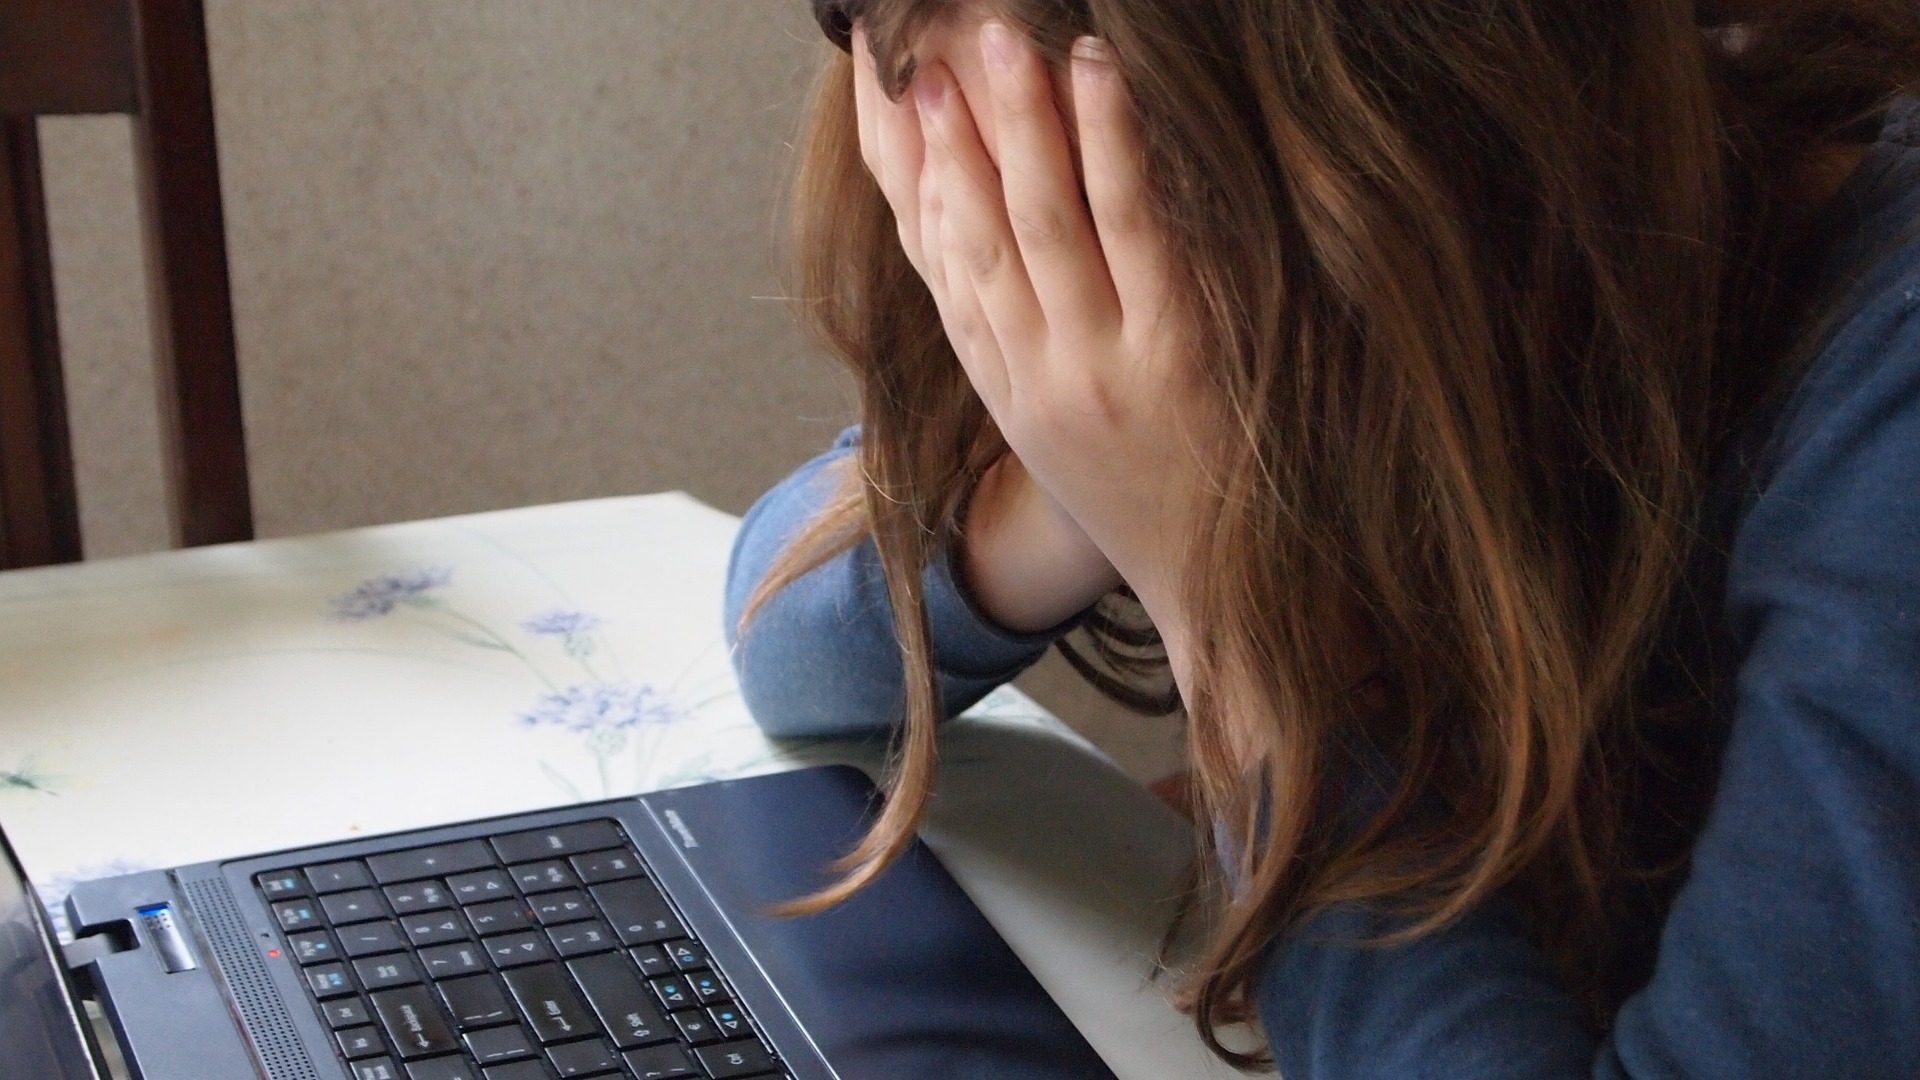 כלל ביטוח משיקה את Online Protect, כיסוי ביטוח לסכנות ברשת